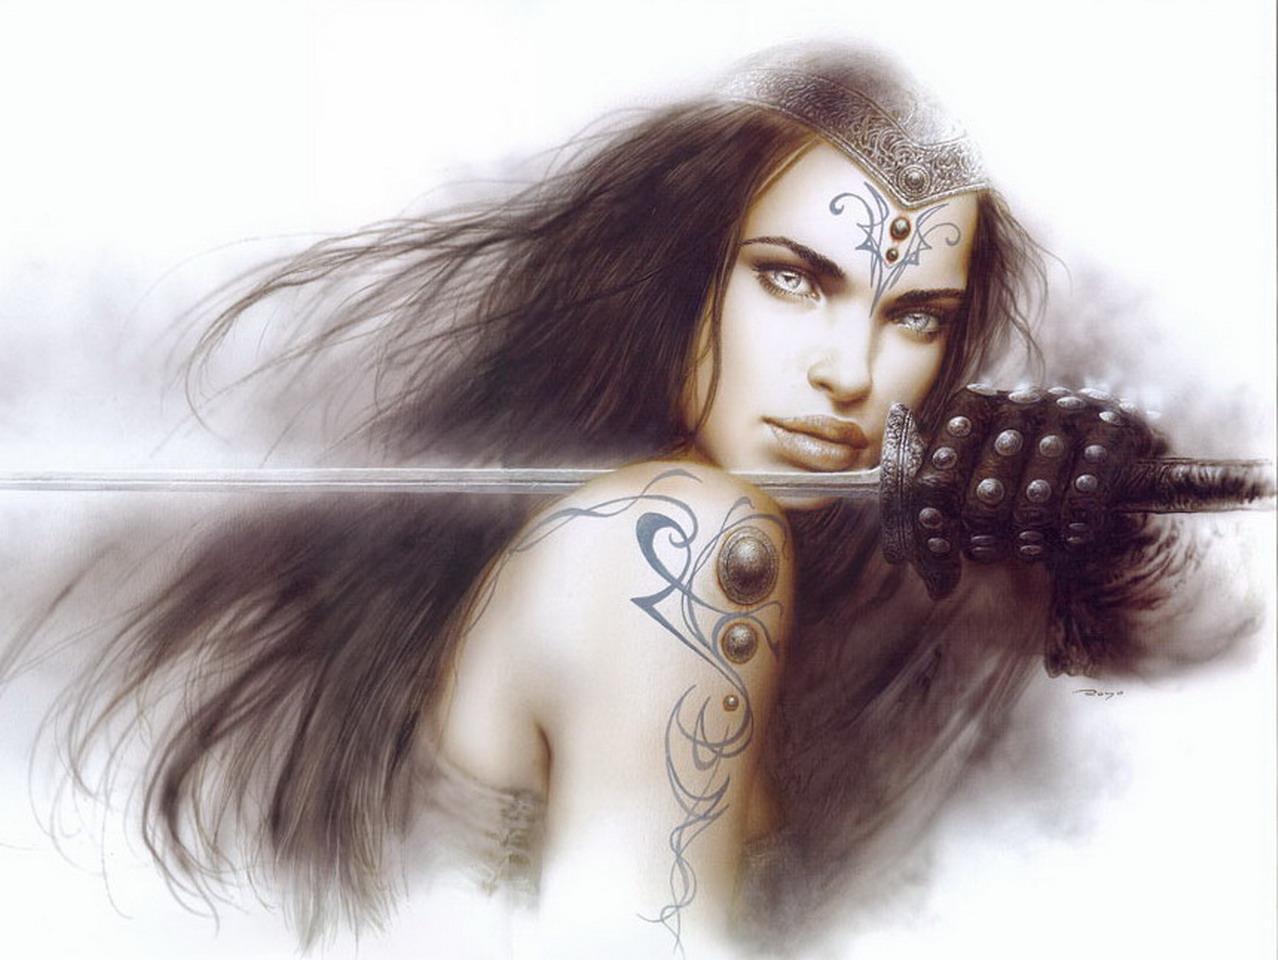 Fantasy Fantasy Art by Luis Royo